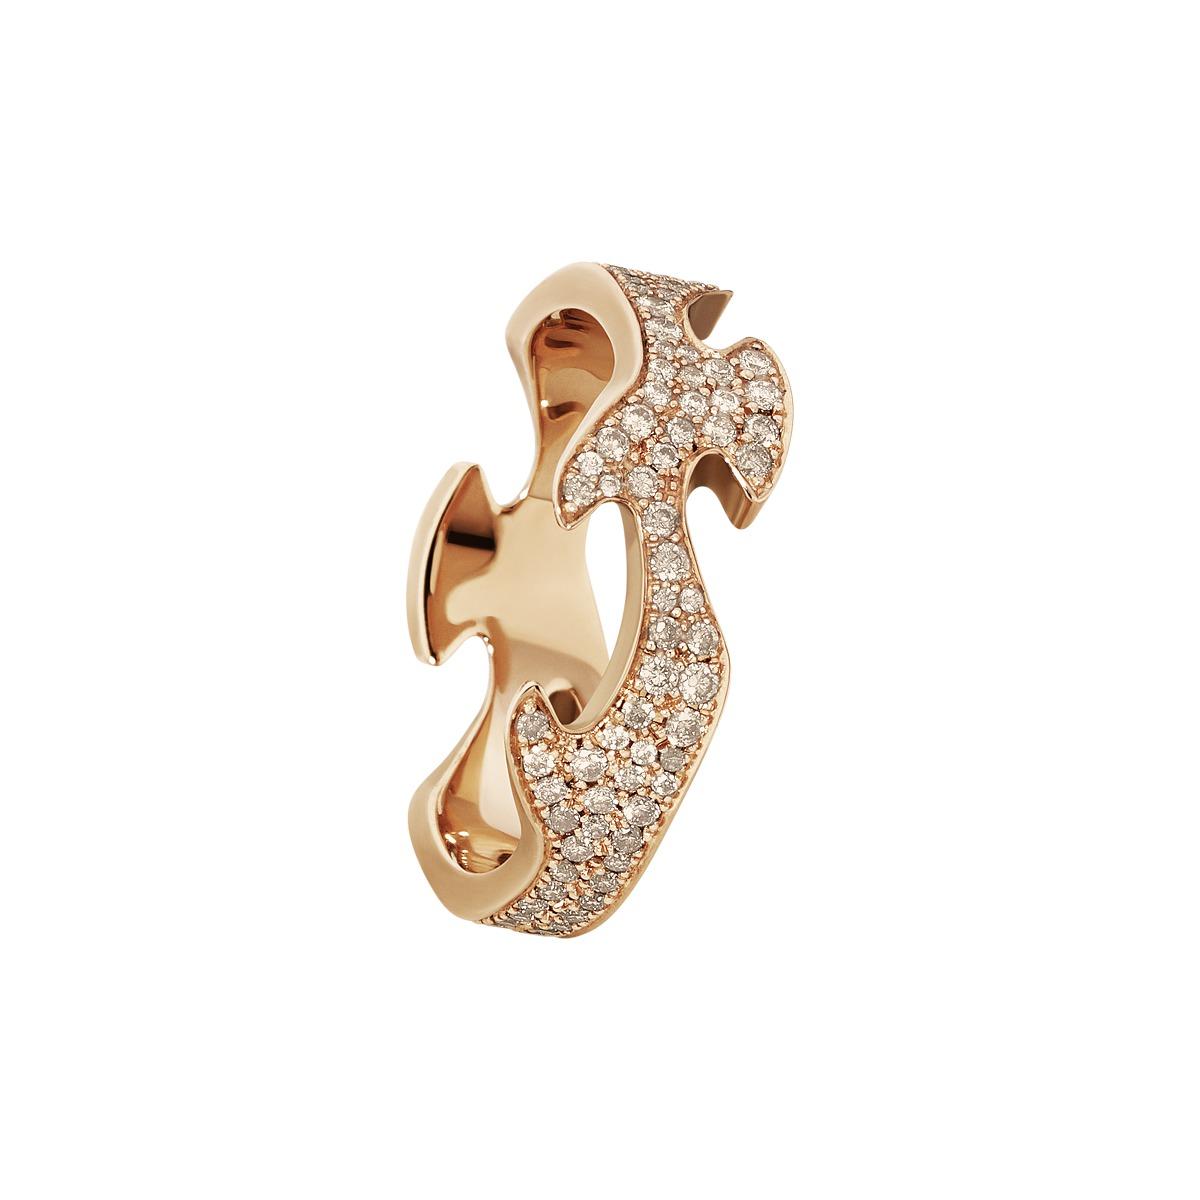 Image of   Georg Jensen FUSION ring - 3572120 Størrelse 56